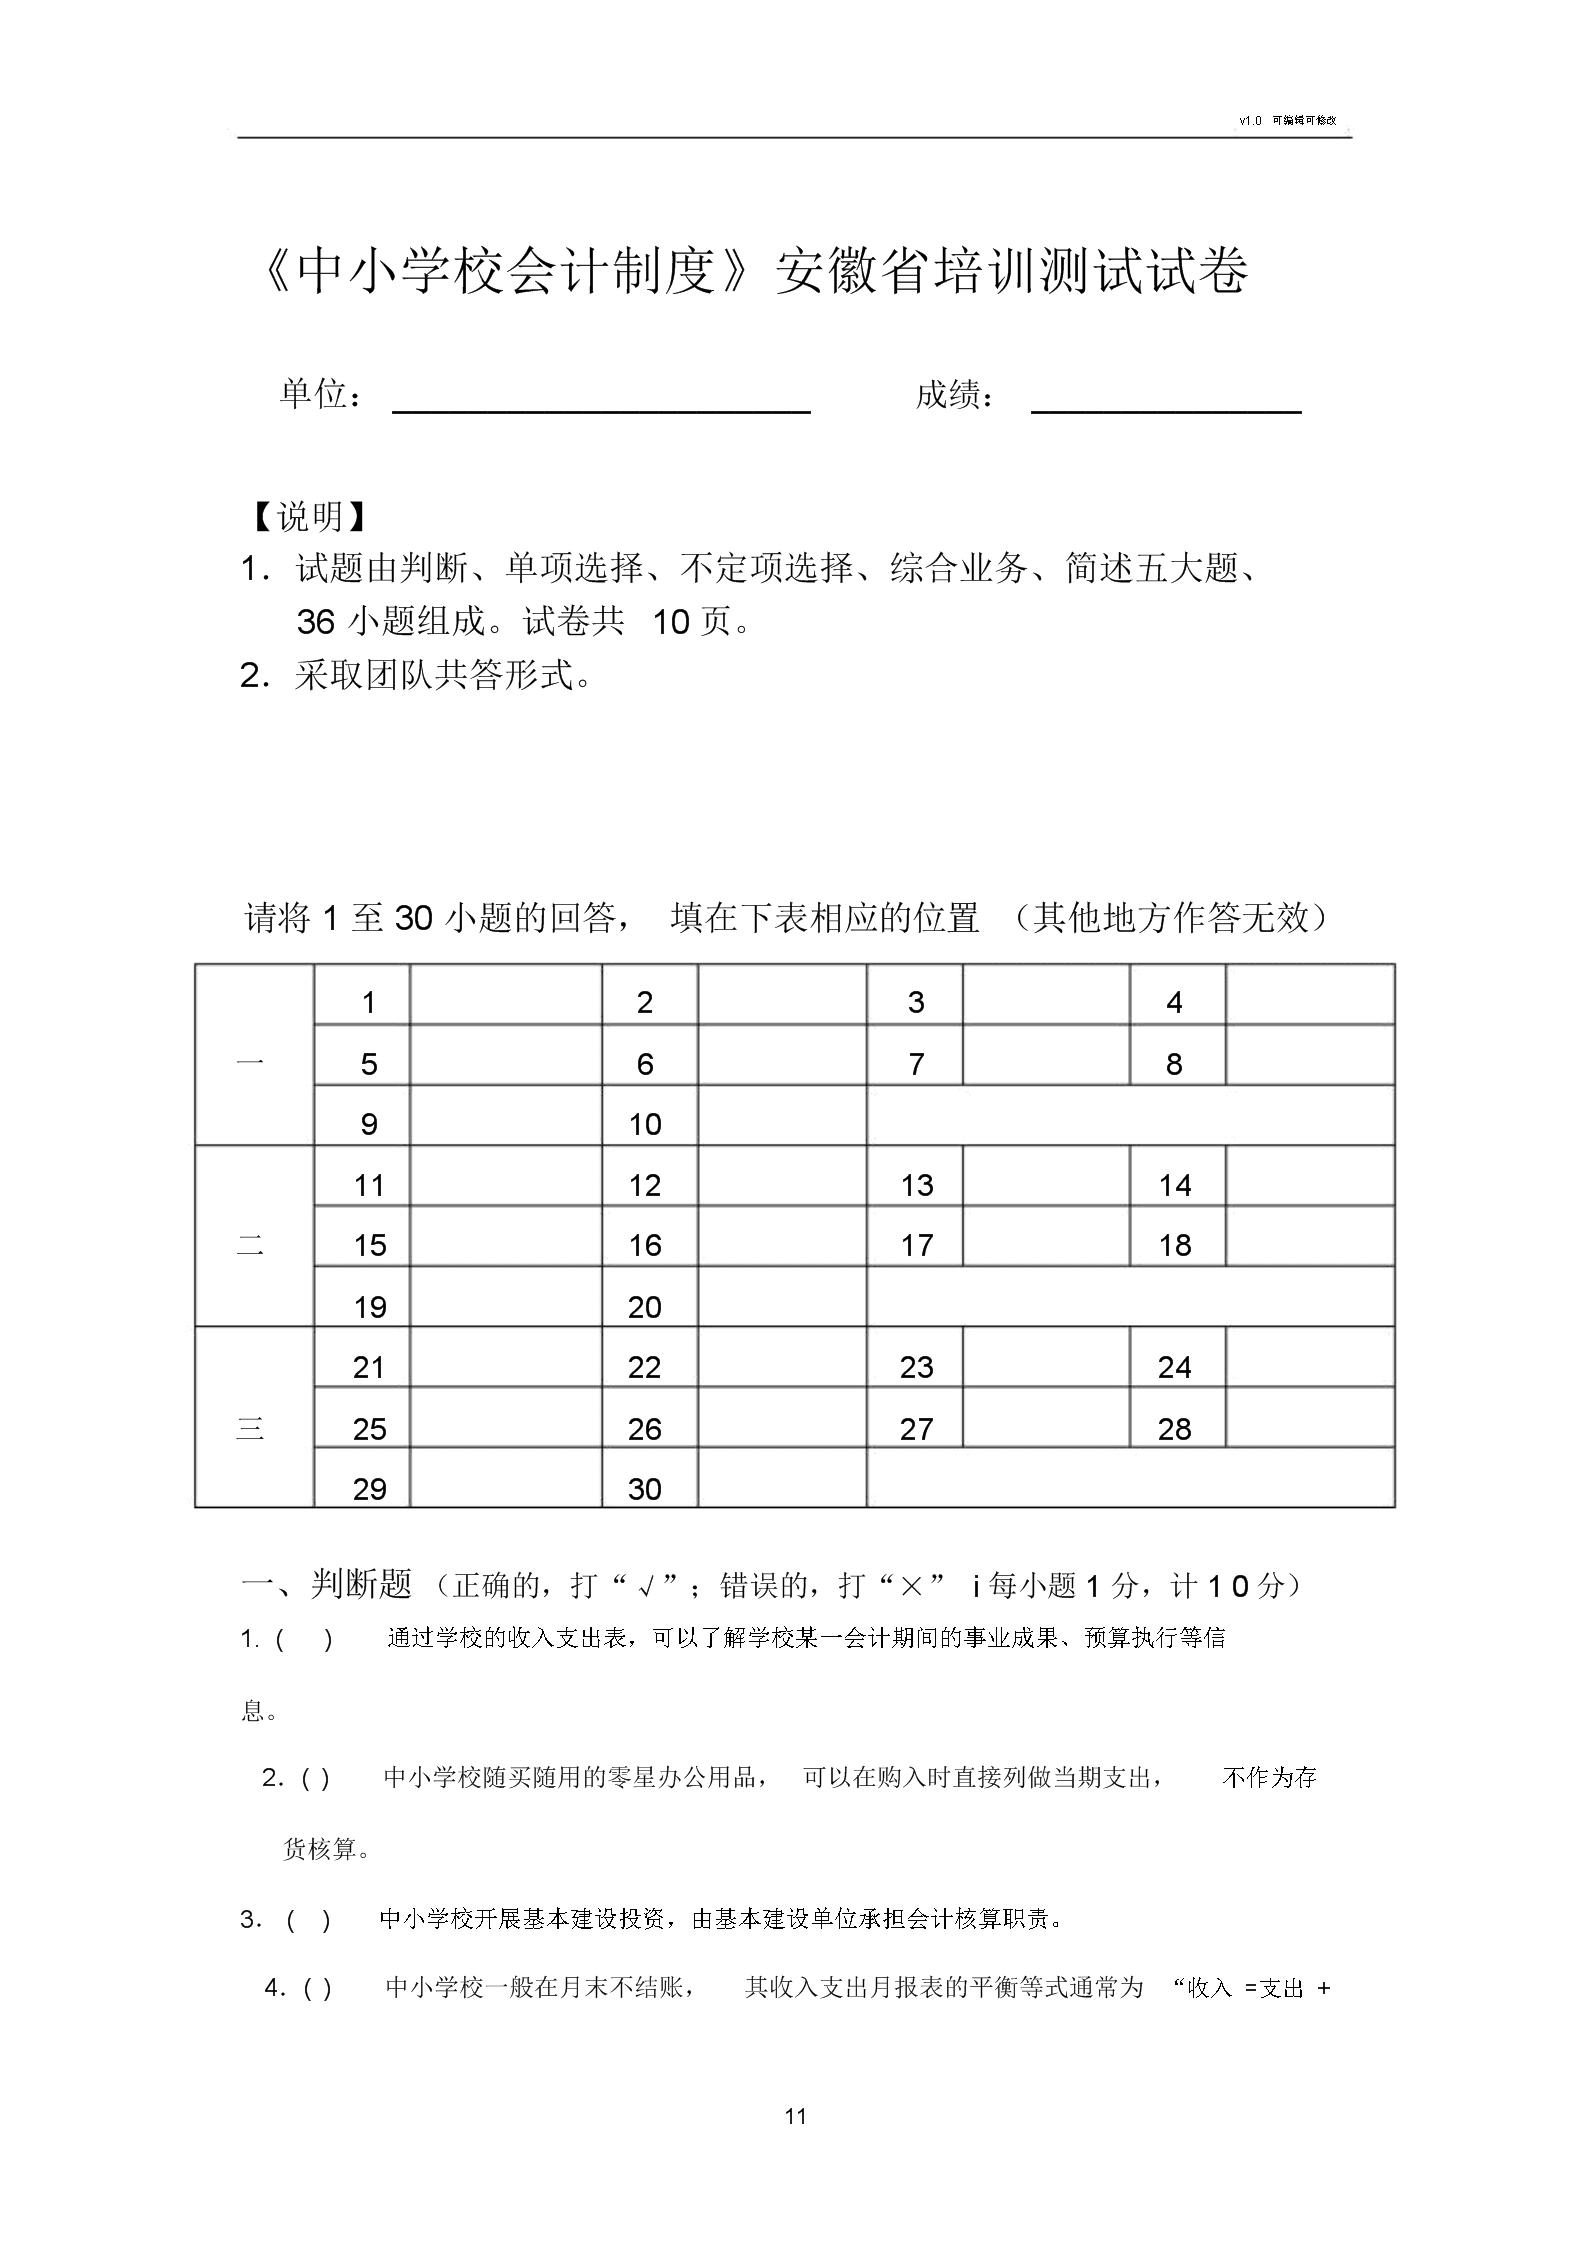 中小学校会计实用制度试卷习题.doc